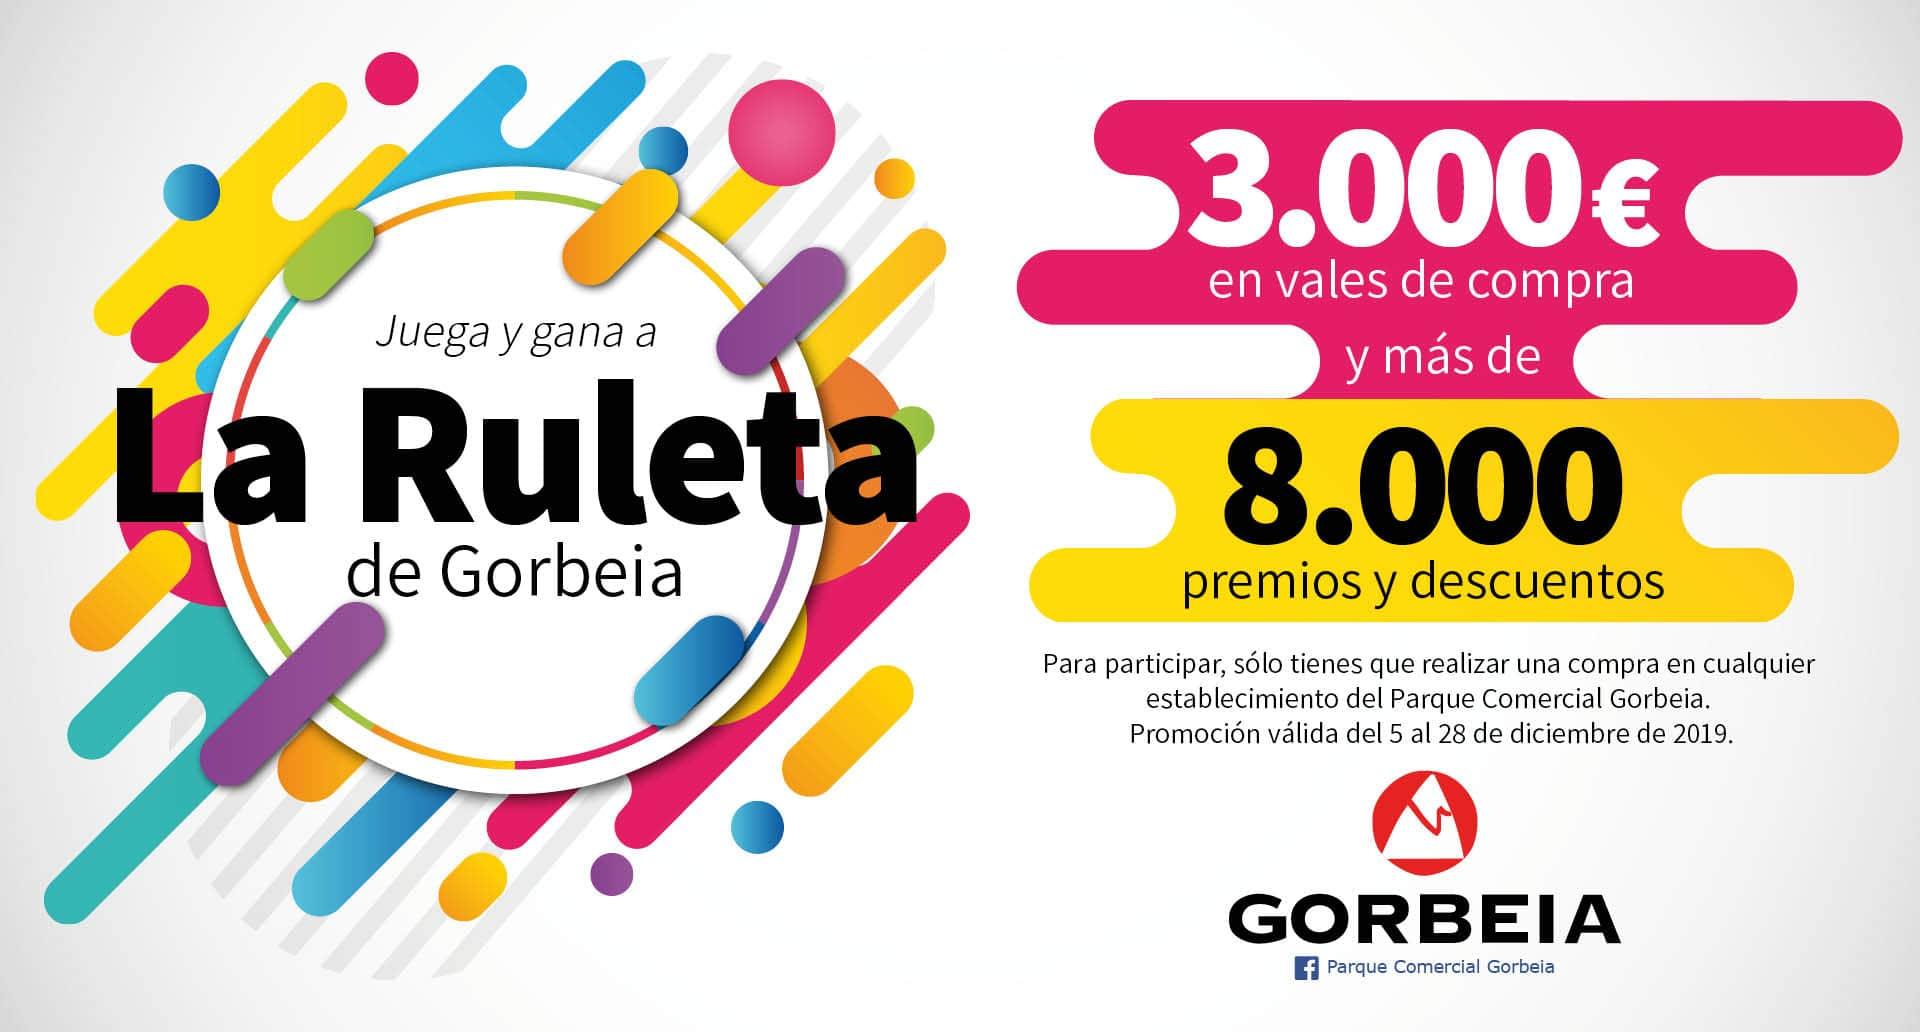 La Ruleta de Gorbeia 2019